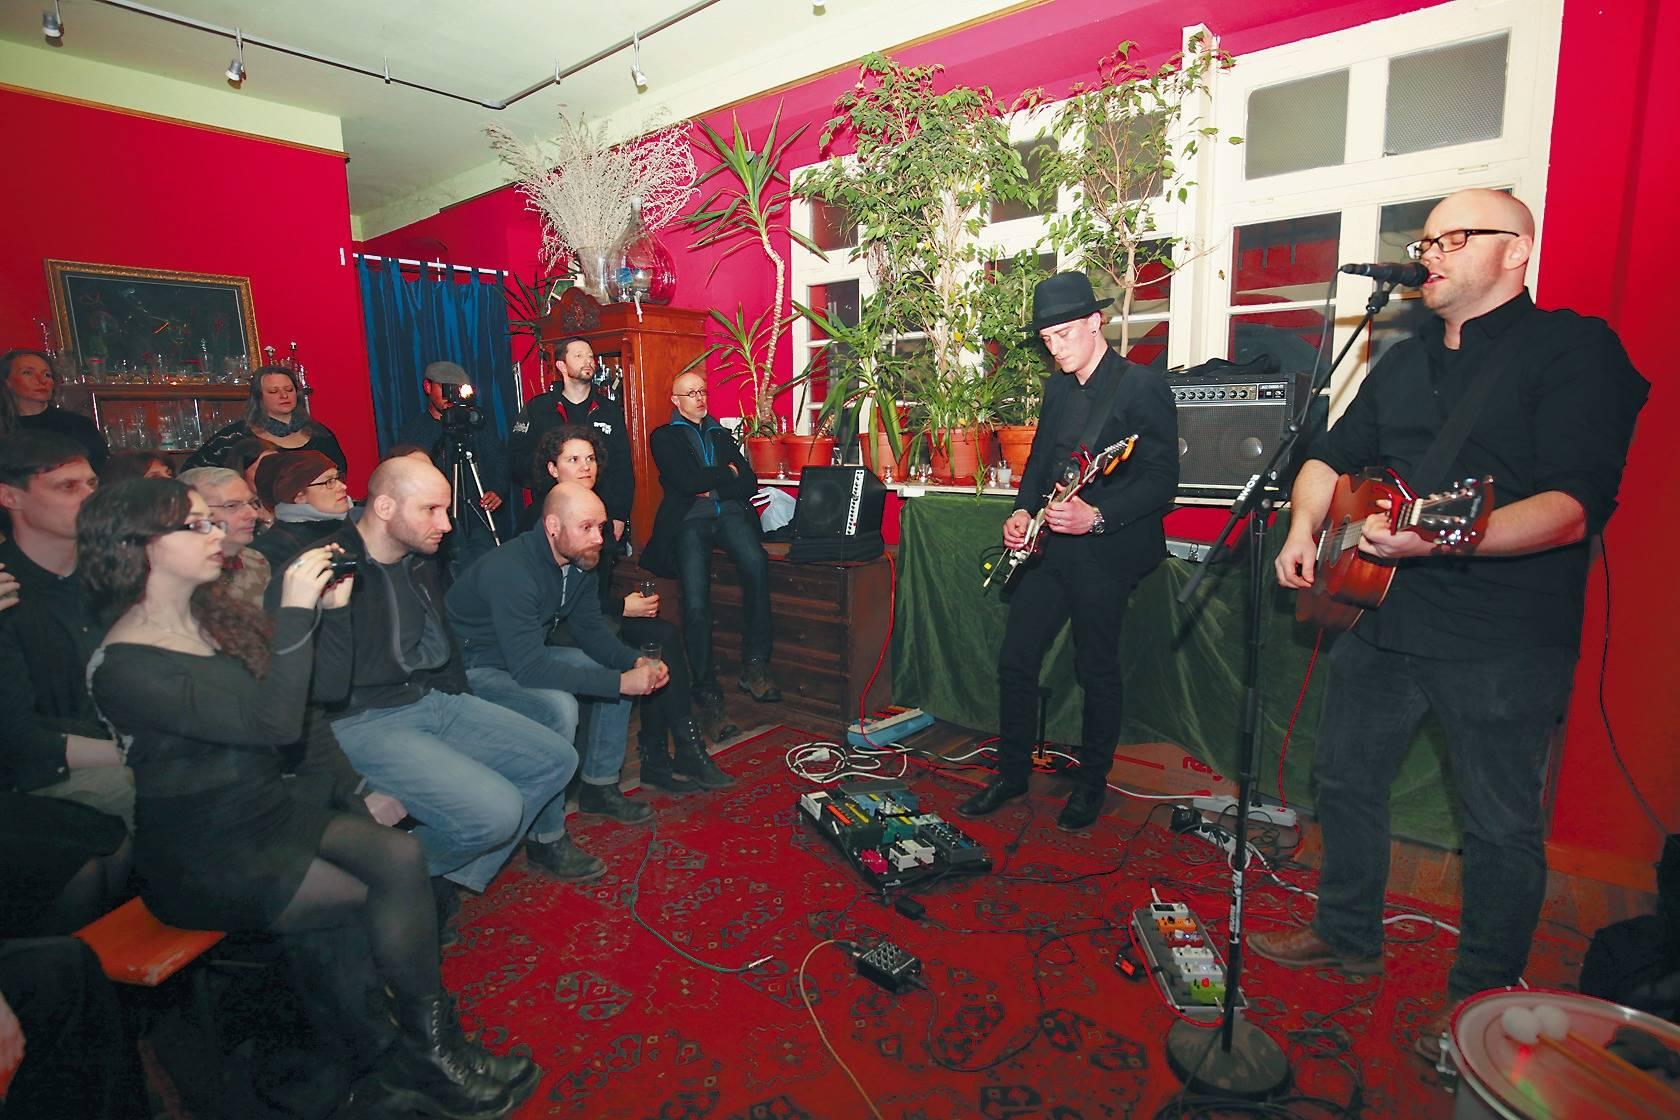 Heidelberg Band Rome Machte Untere Strasse Zum Klangerlebnis